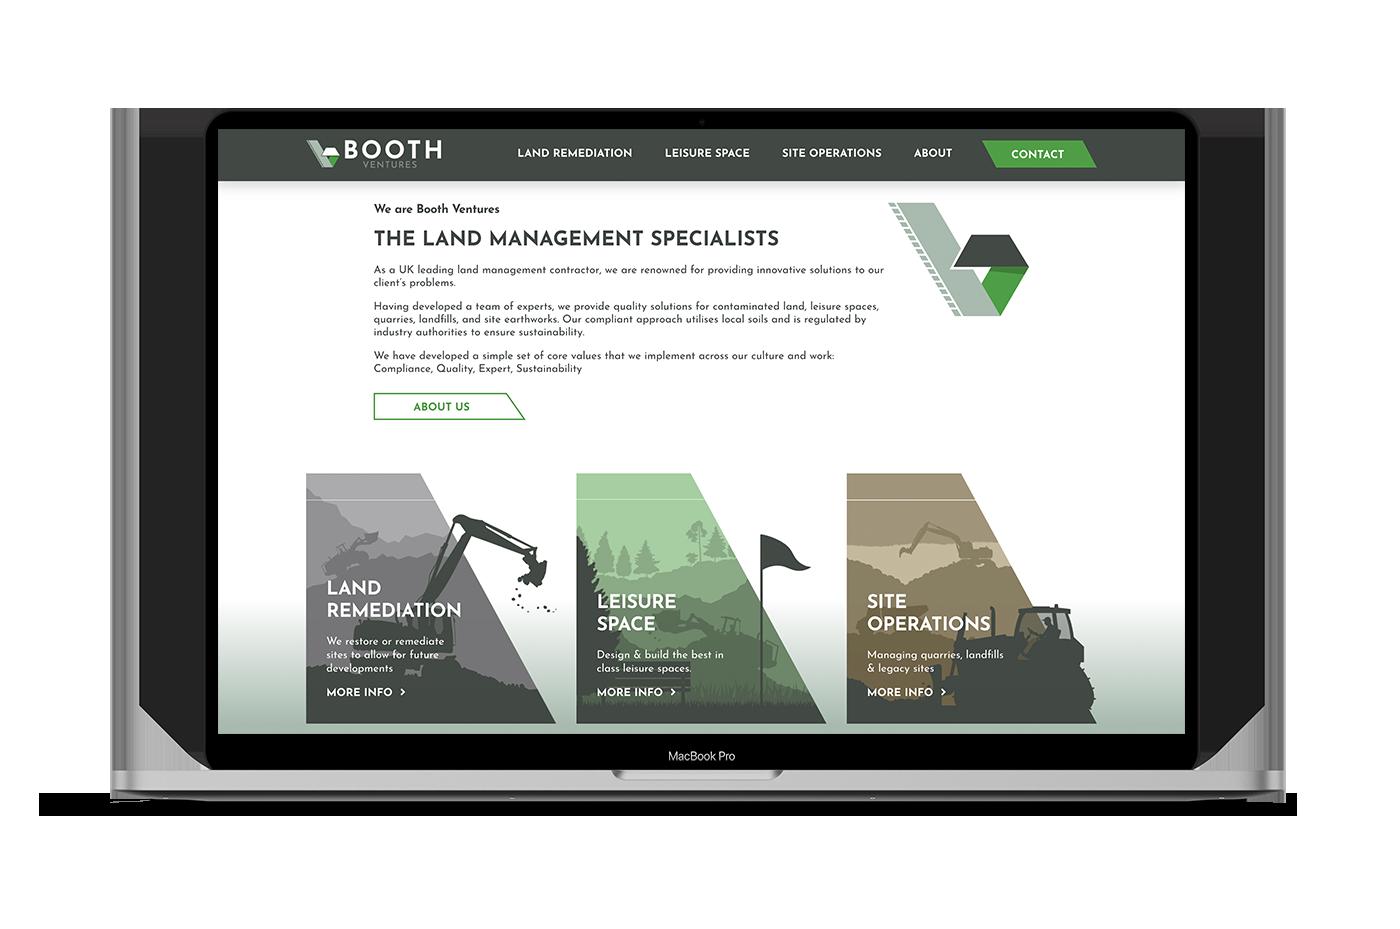 Booth Ventures Macbook